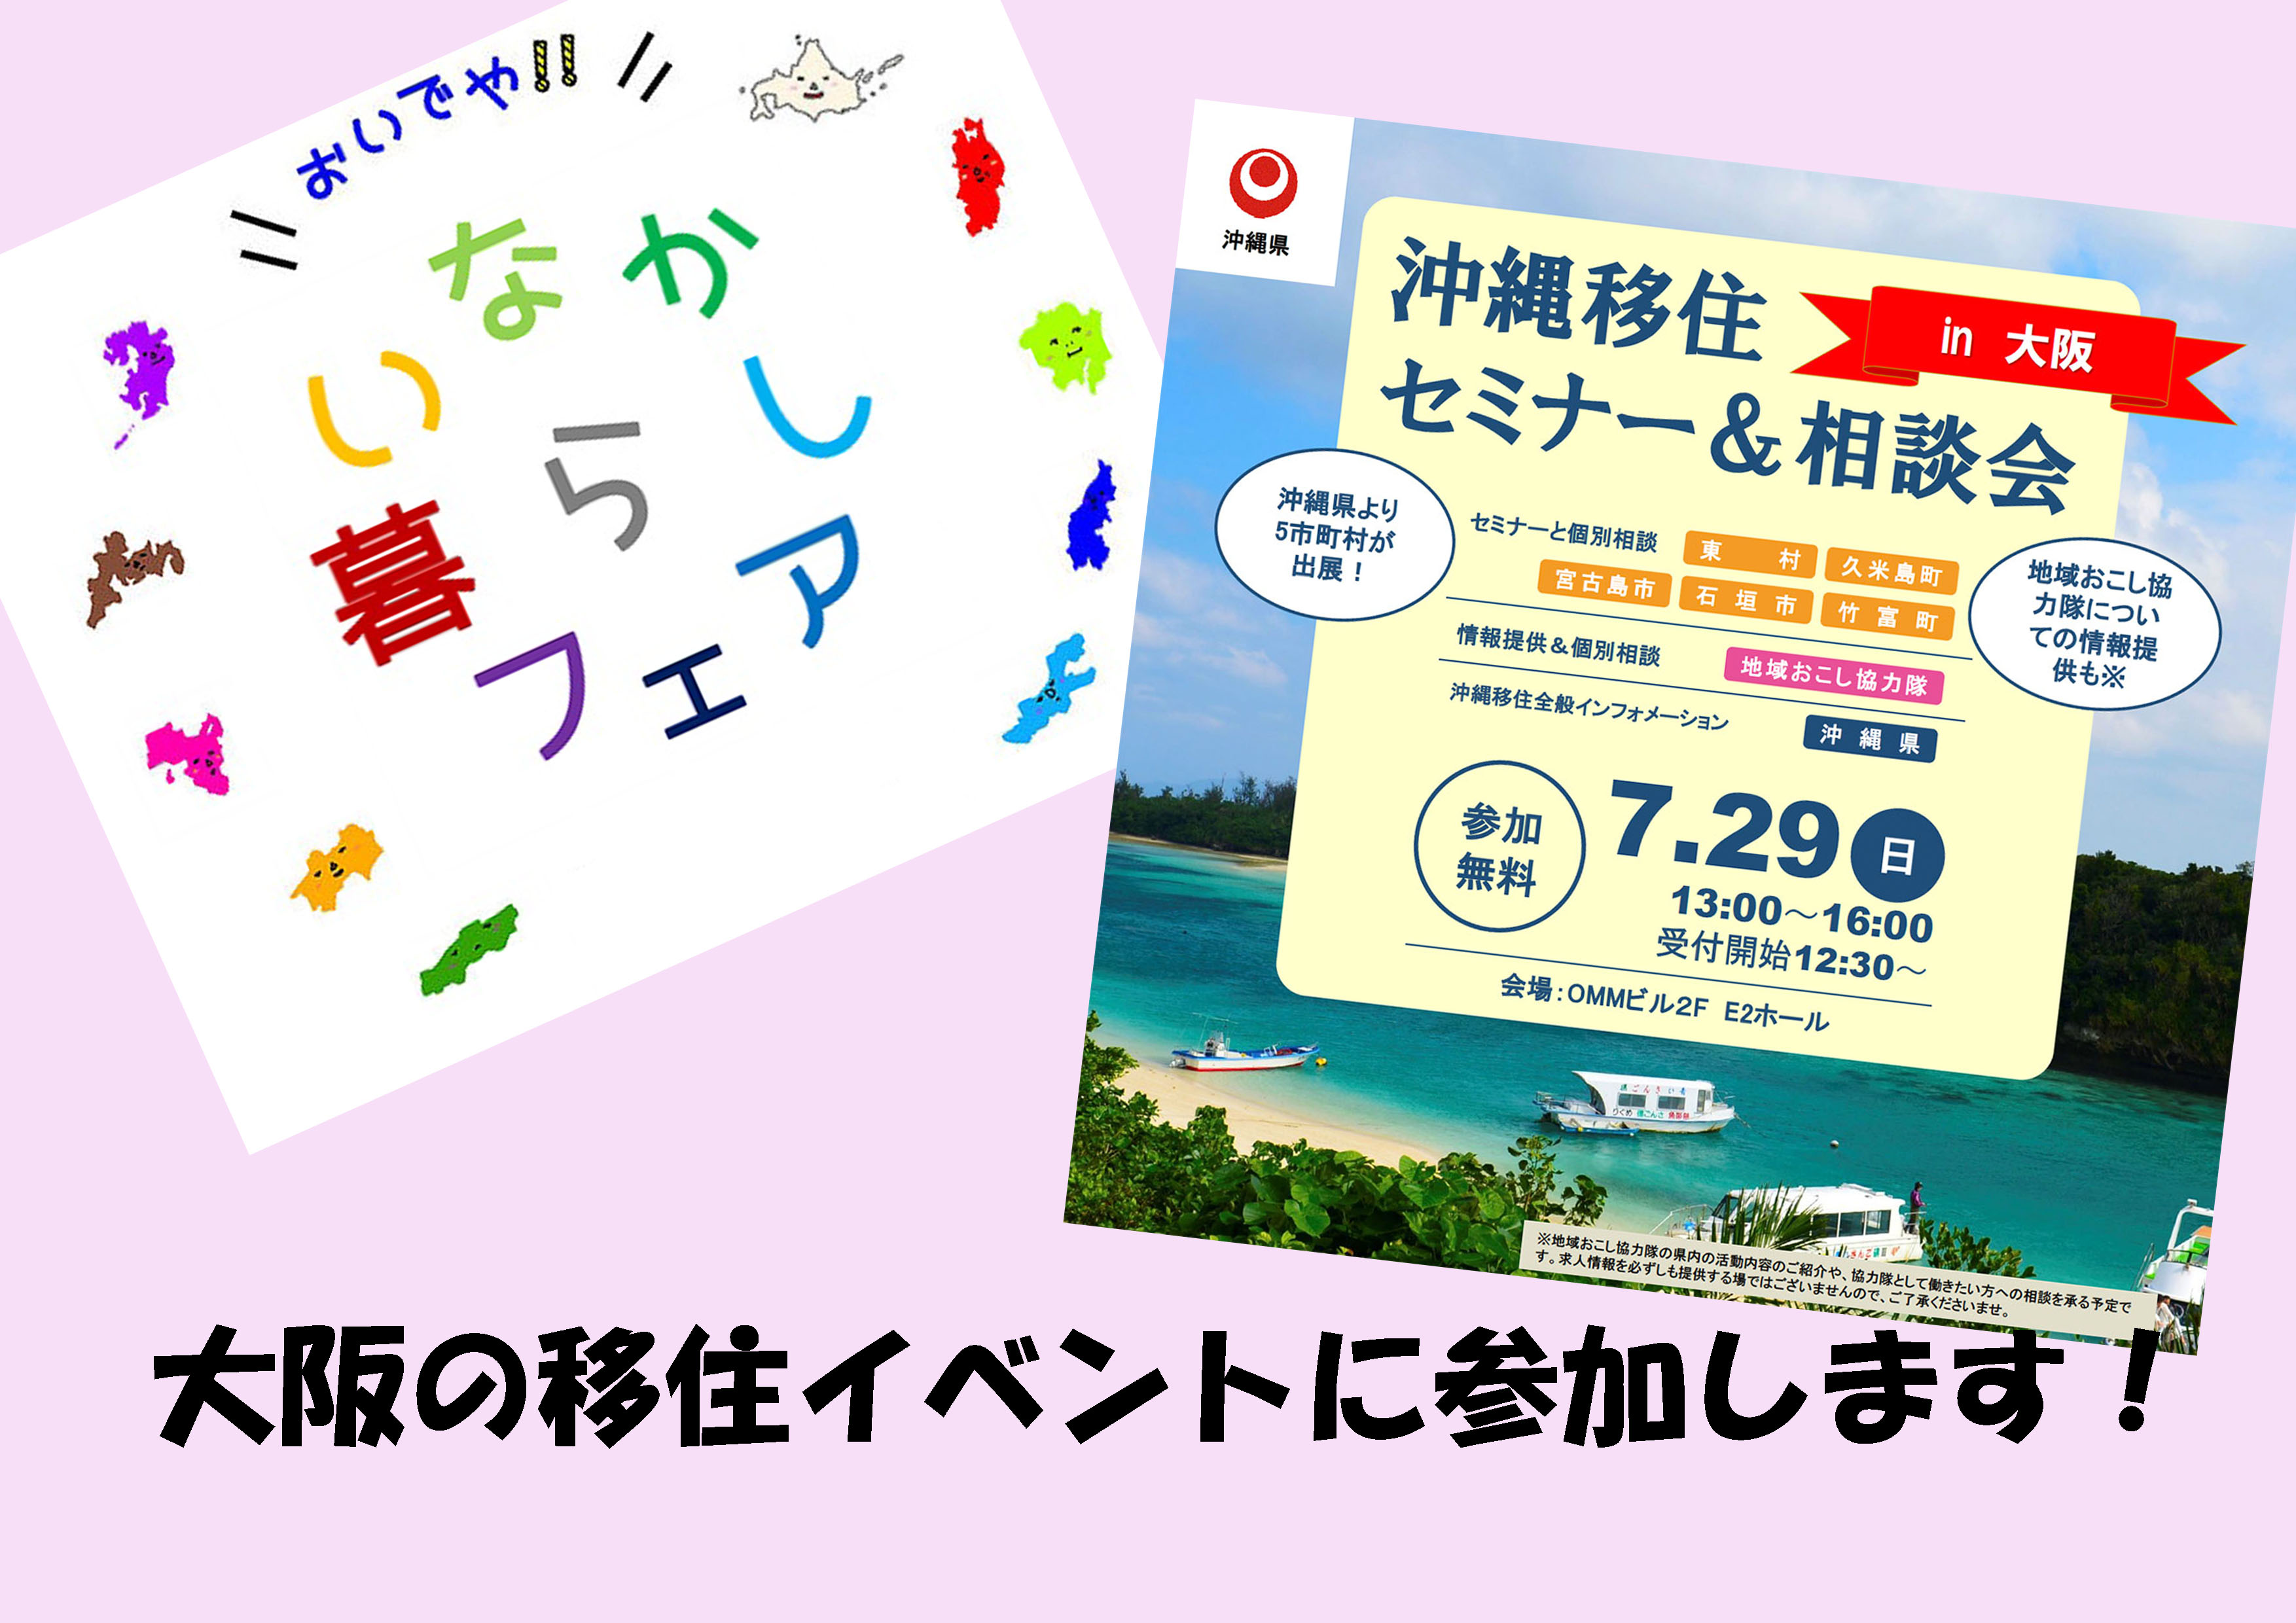 (告知)大阪の移住イベントに参加します!